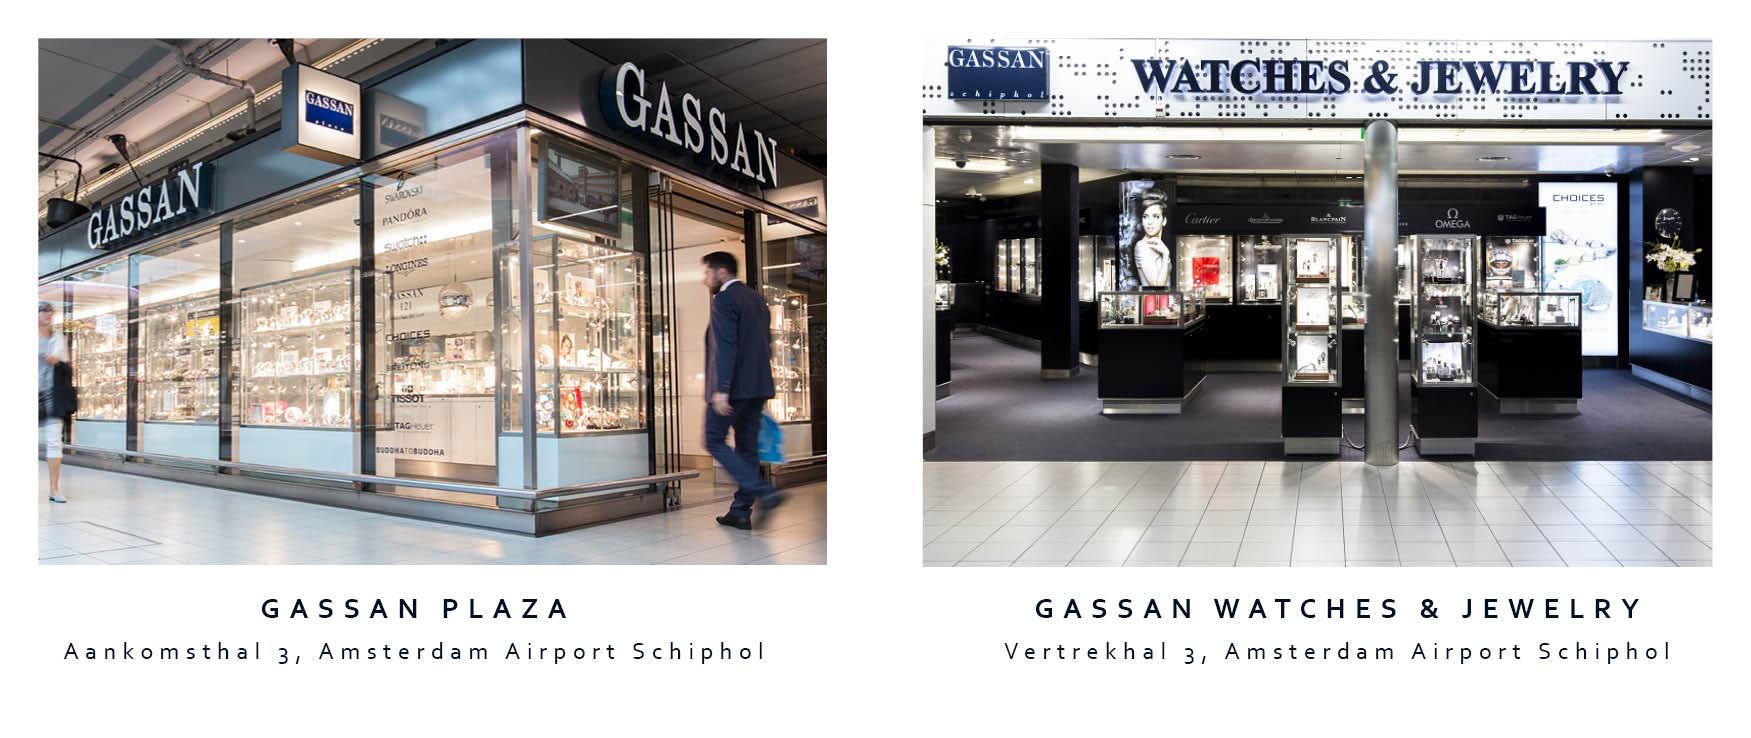 GASSAN winkels voor en na security